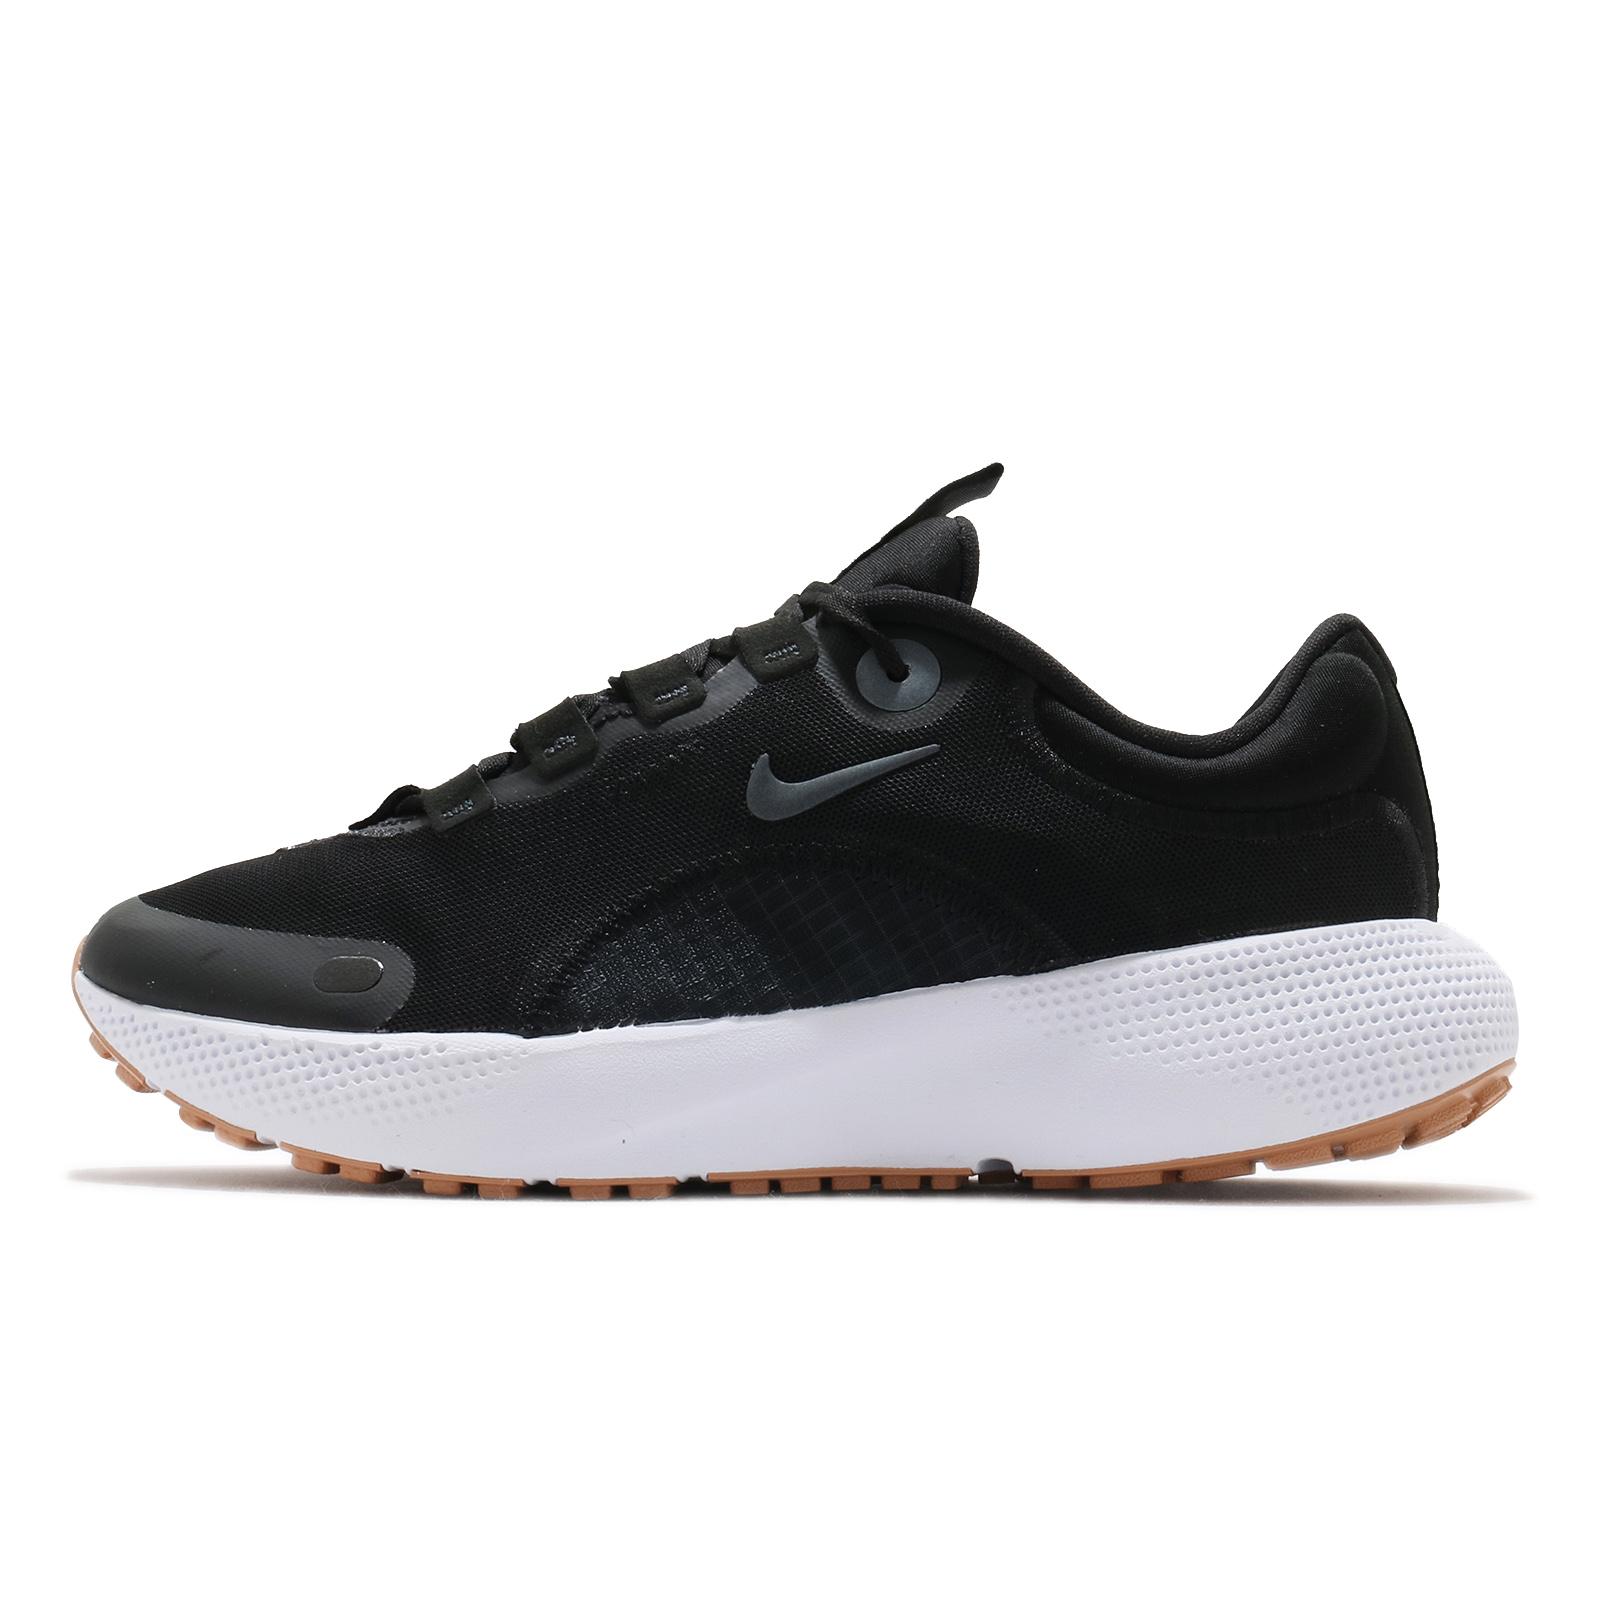 Nike 慢跑鞋 Wmns React Escape RN 黑 白 運動鞋 路跑 女鞋 【ACS】 CV3817-002